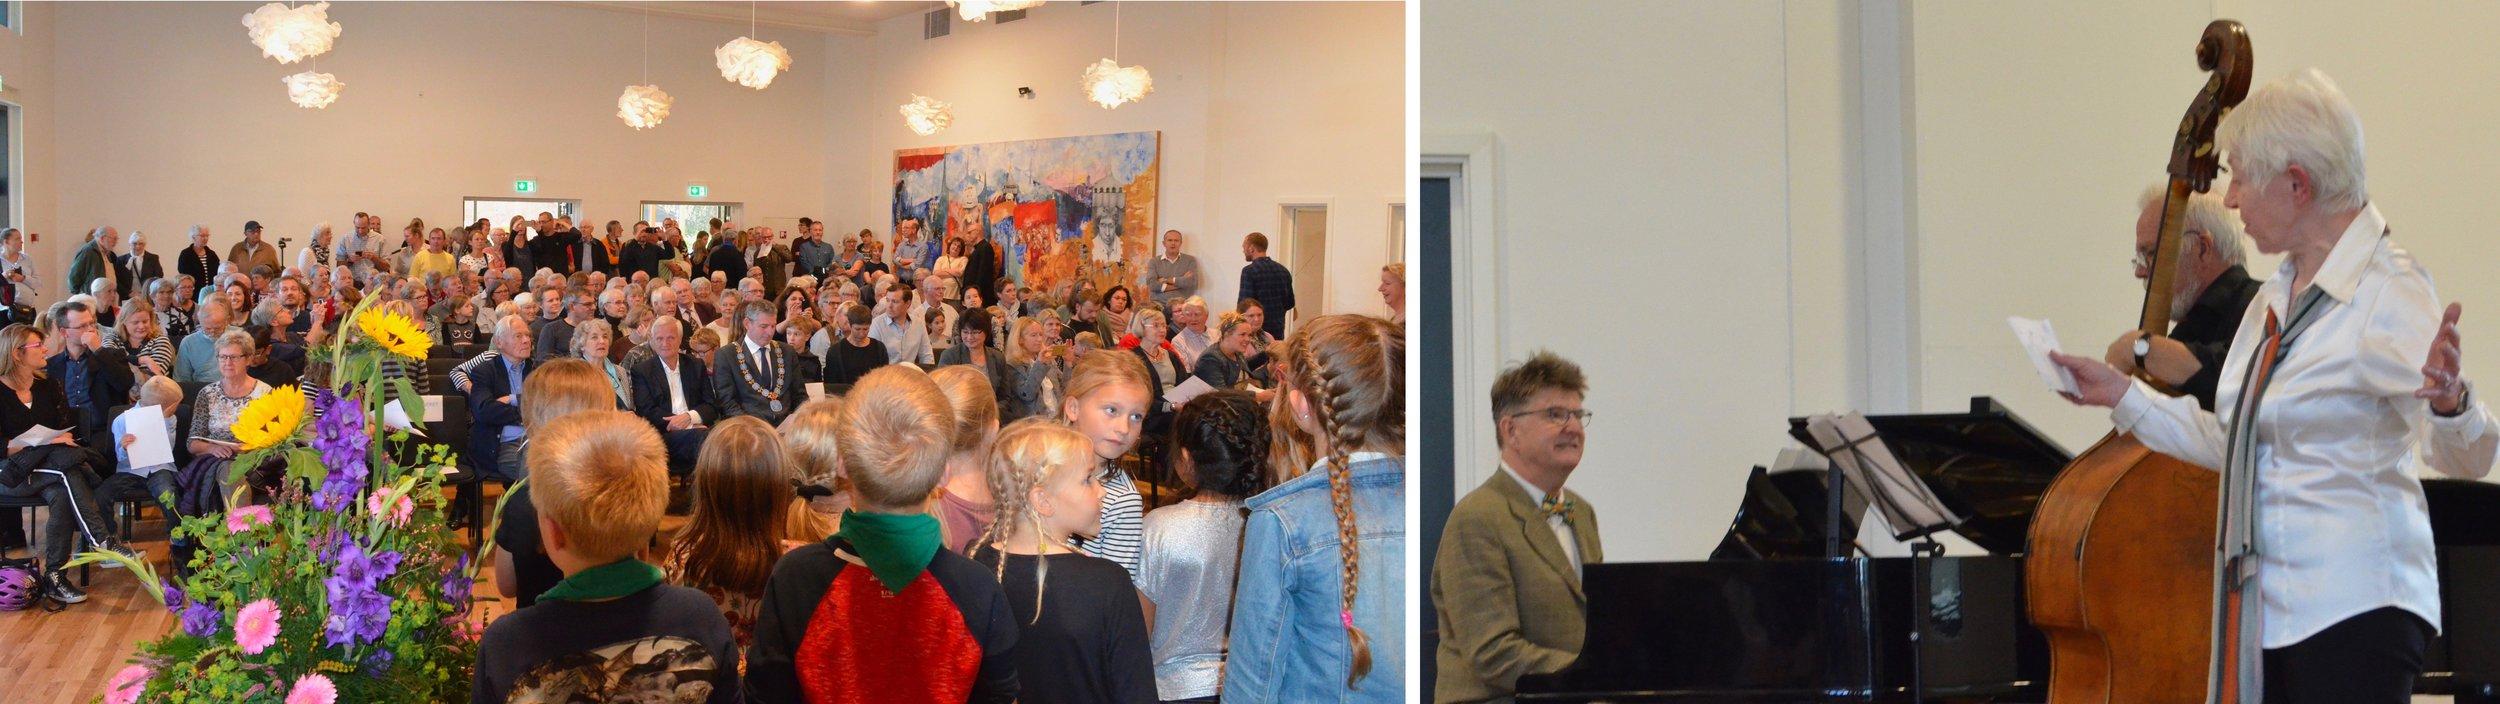 Den nye koncertsal var fyldt til sidste plads under indvielsesprogrammet, der omfattede en række musikalske indslag. Og her overraskede Tonna Nielsen alle ved at synge en sang om, hvor god en dag det var. Foto: AOB